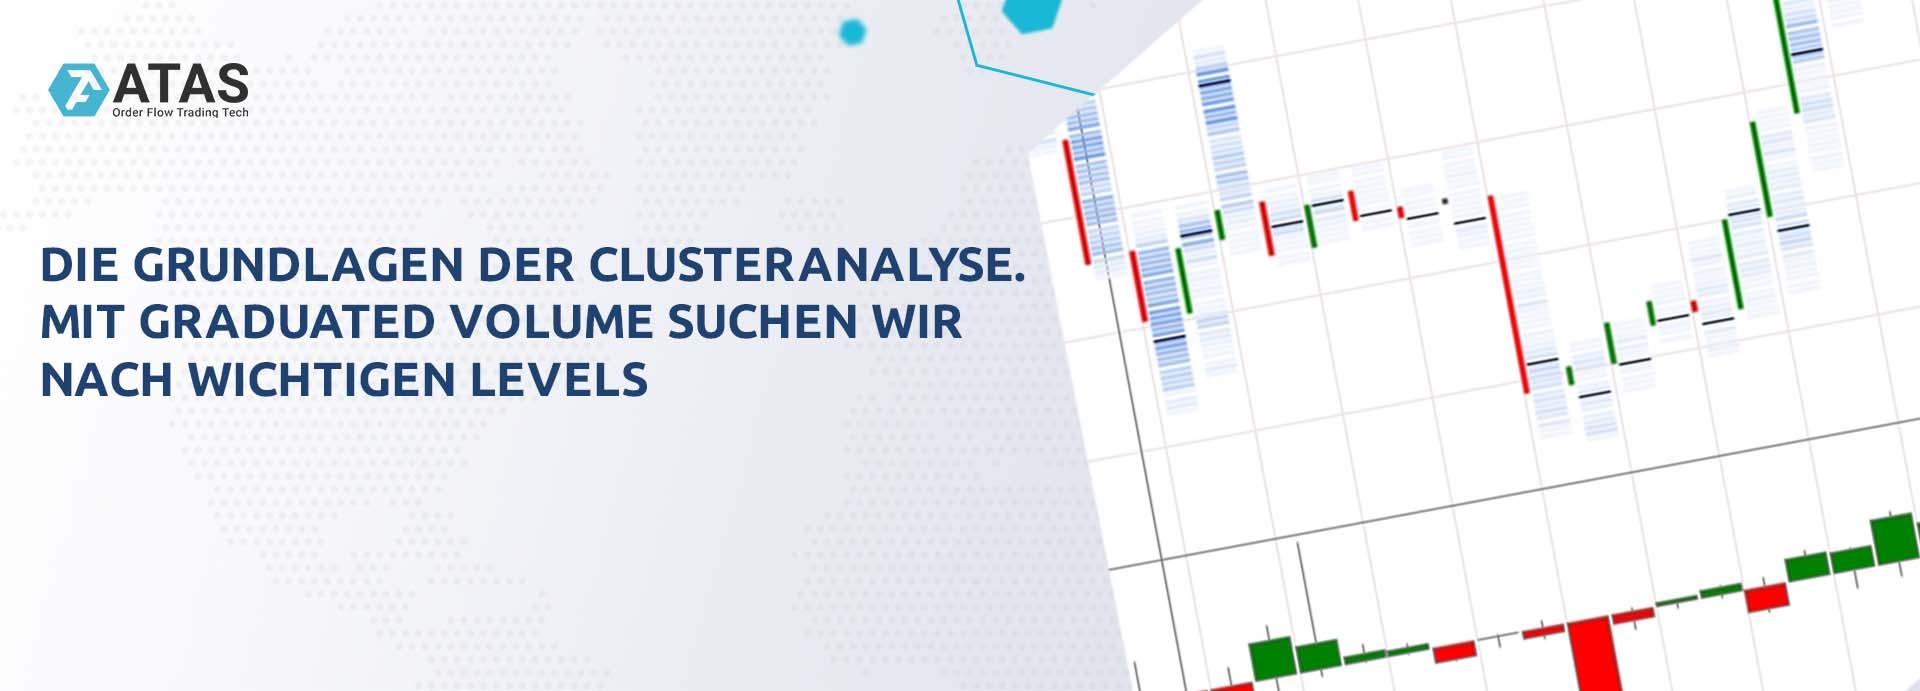 Die Grundlagen der Clusteranalyse. Mit Graduated Volume suchen wir nach wichtigen Levels